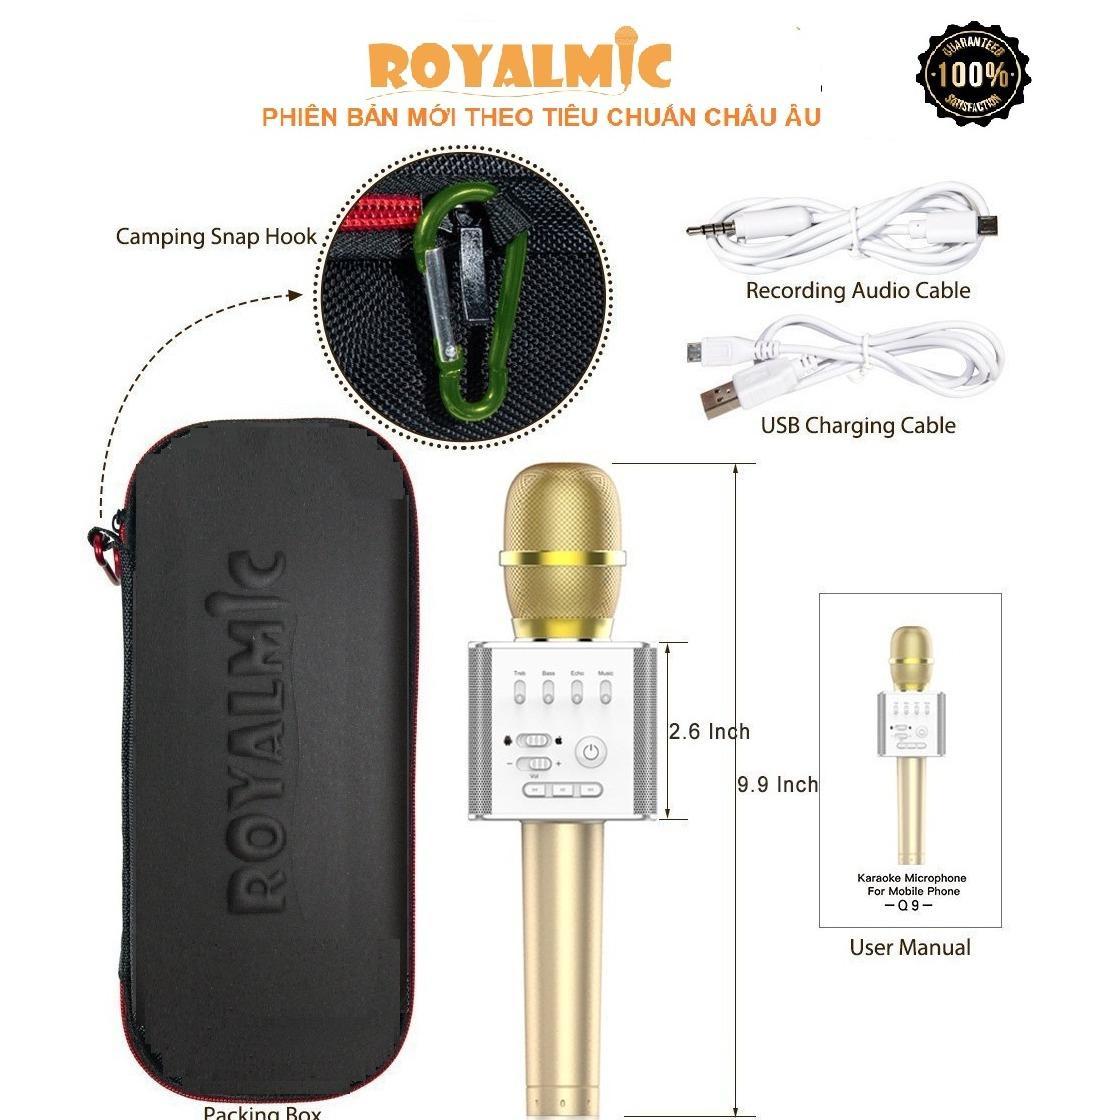 Bán Microphone Karaoke Q9 Hang Nhập Khẩu Cung Cấp Bởi Royalmic